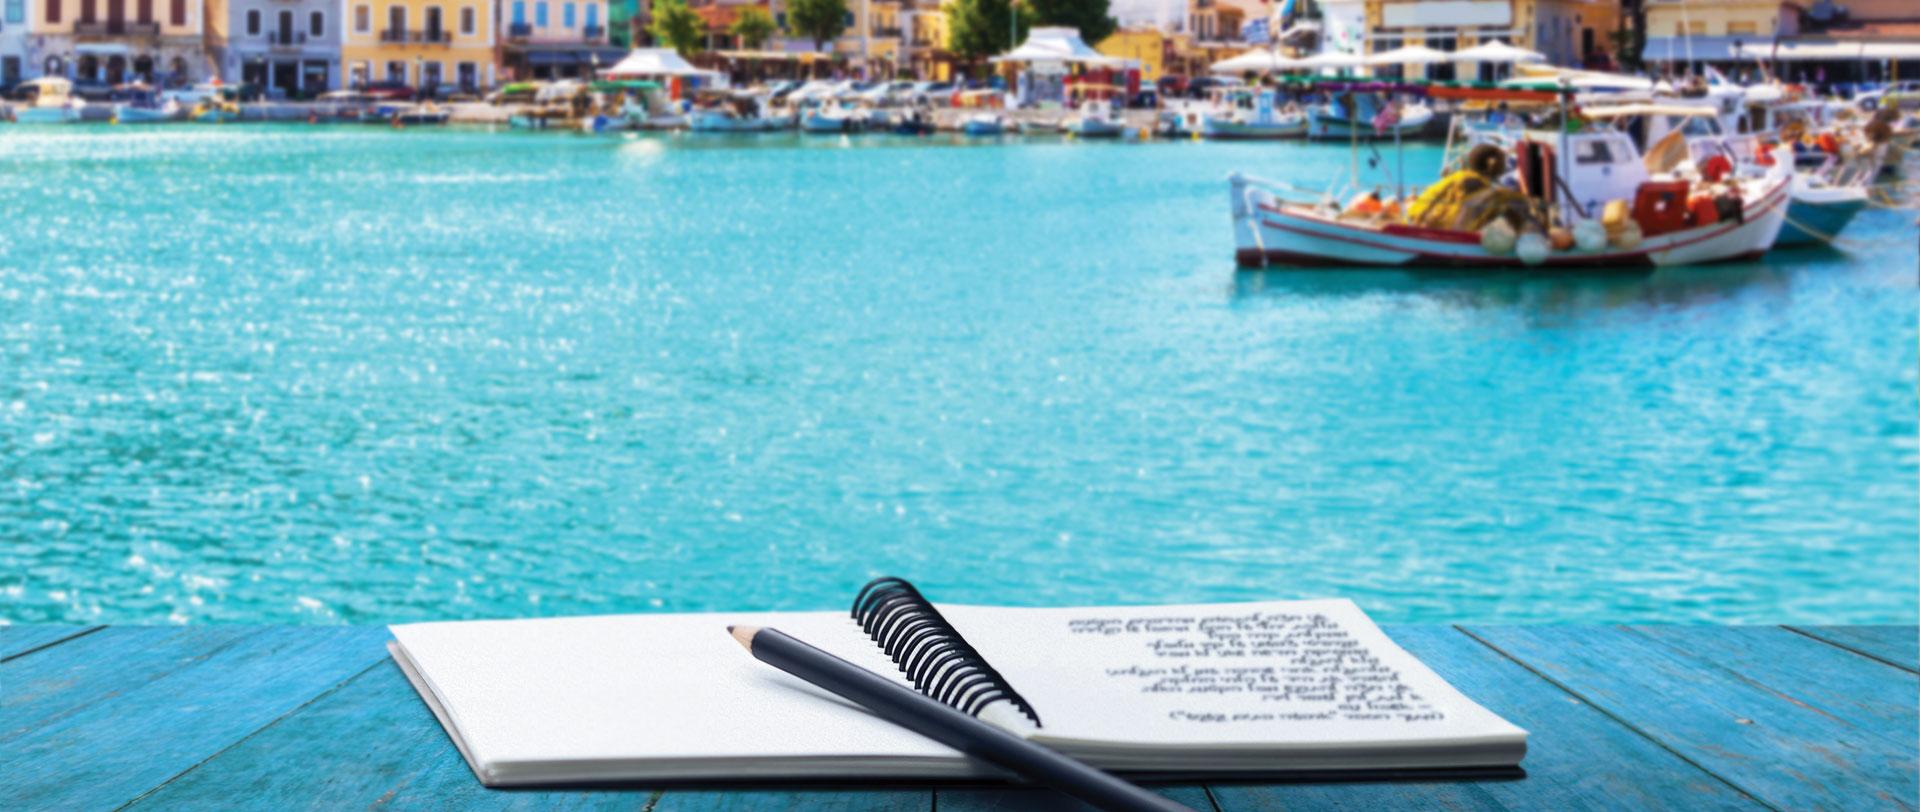 טיול ביוון - 5 ימים - טיול כתיבה ייחודי בהנחיית אשכול נבו